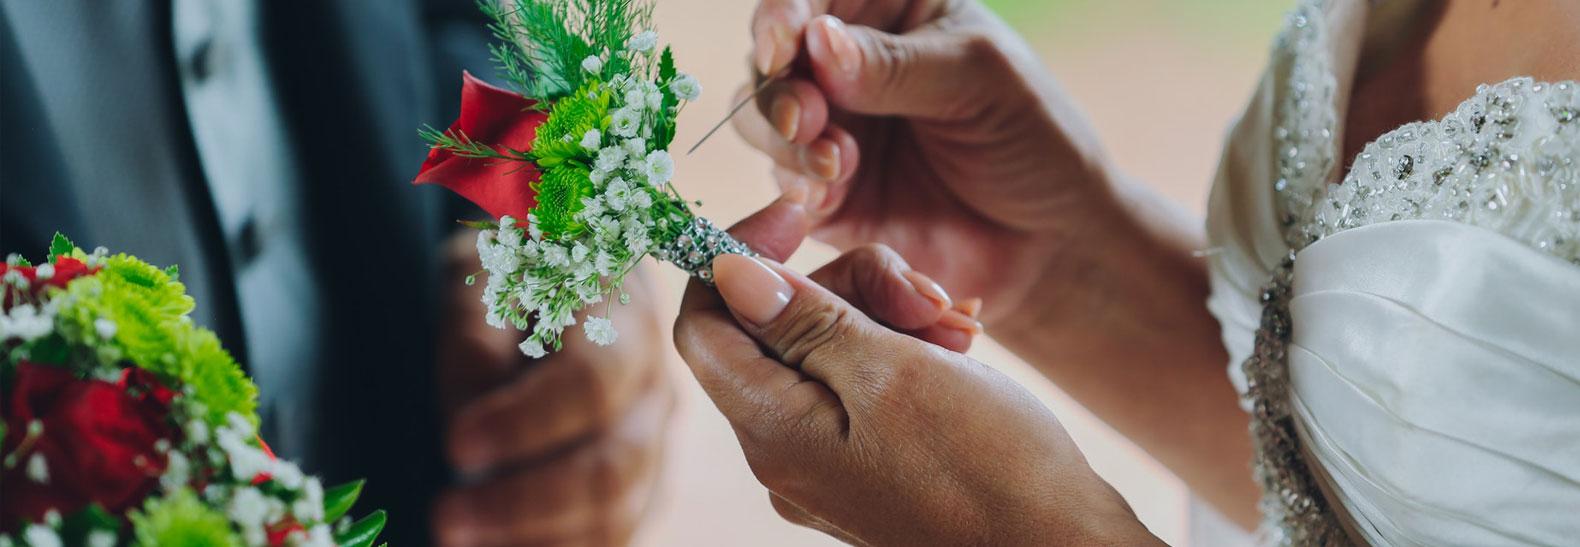 Il-Dress-code-dei-Matrimoni-come-vestirsi-a-seconda-dei-ruoli